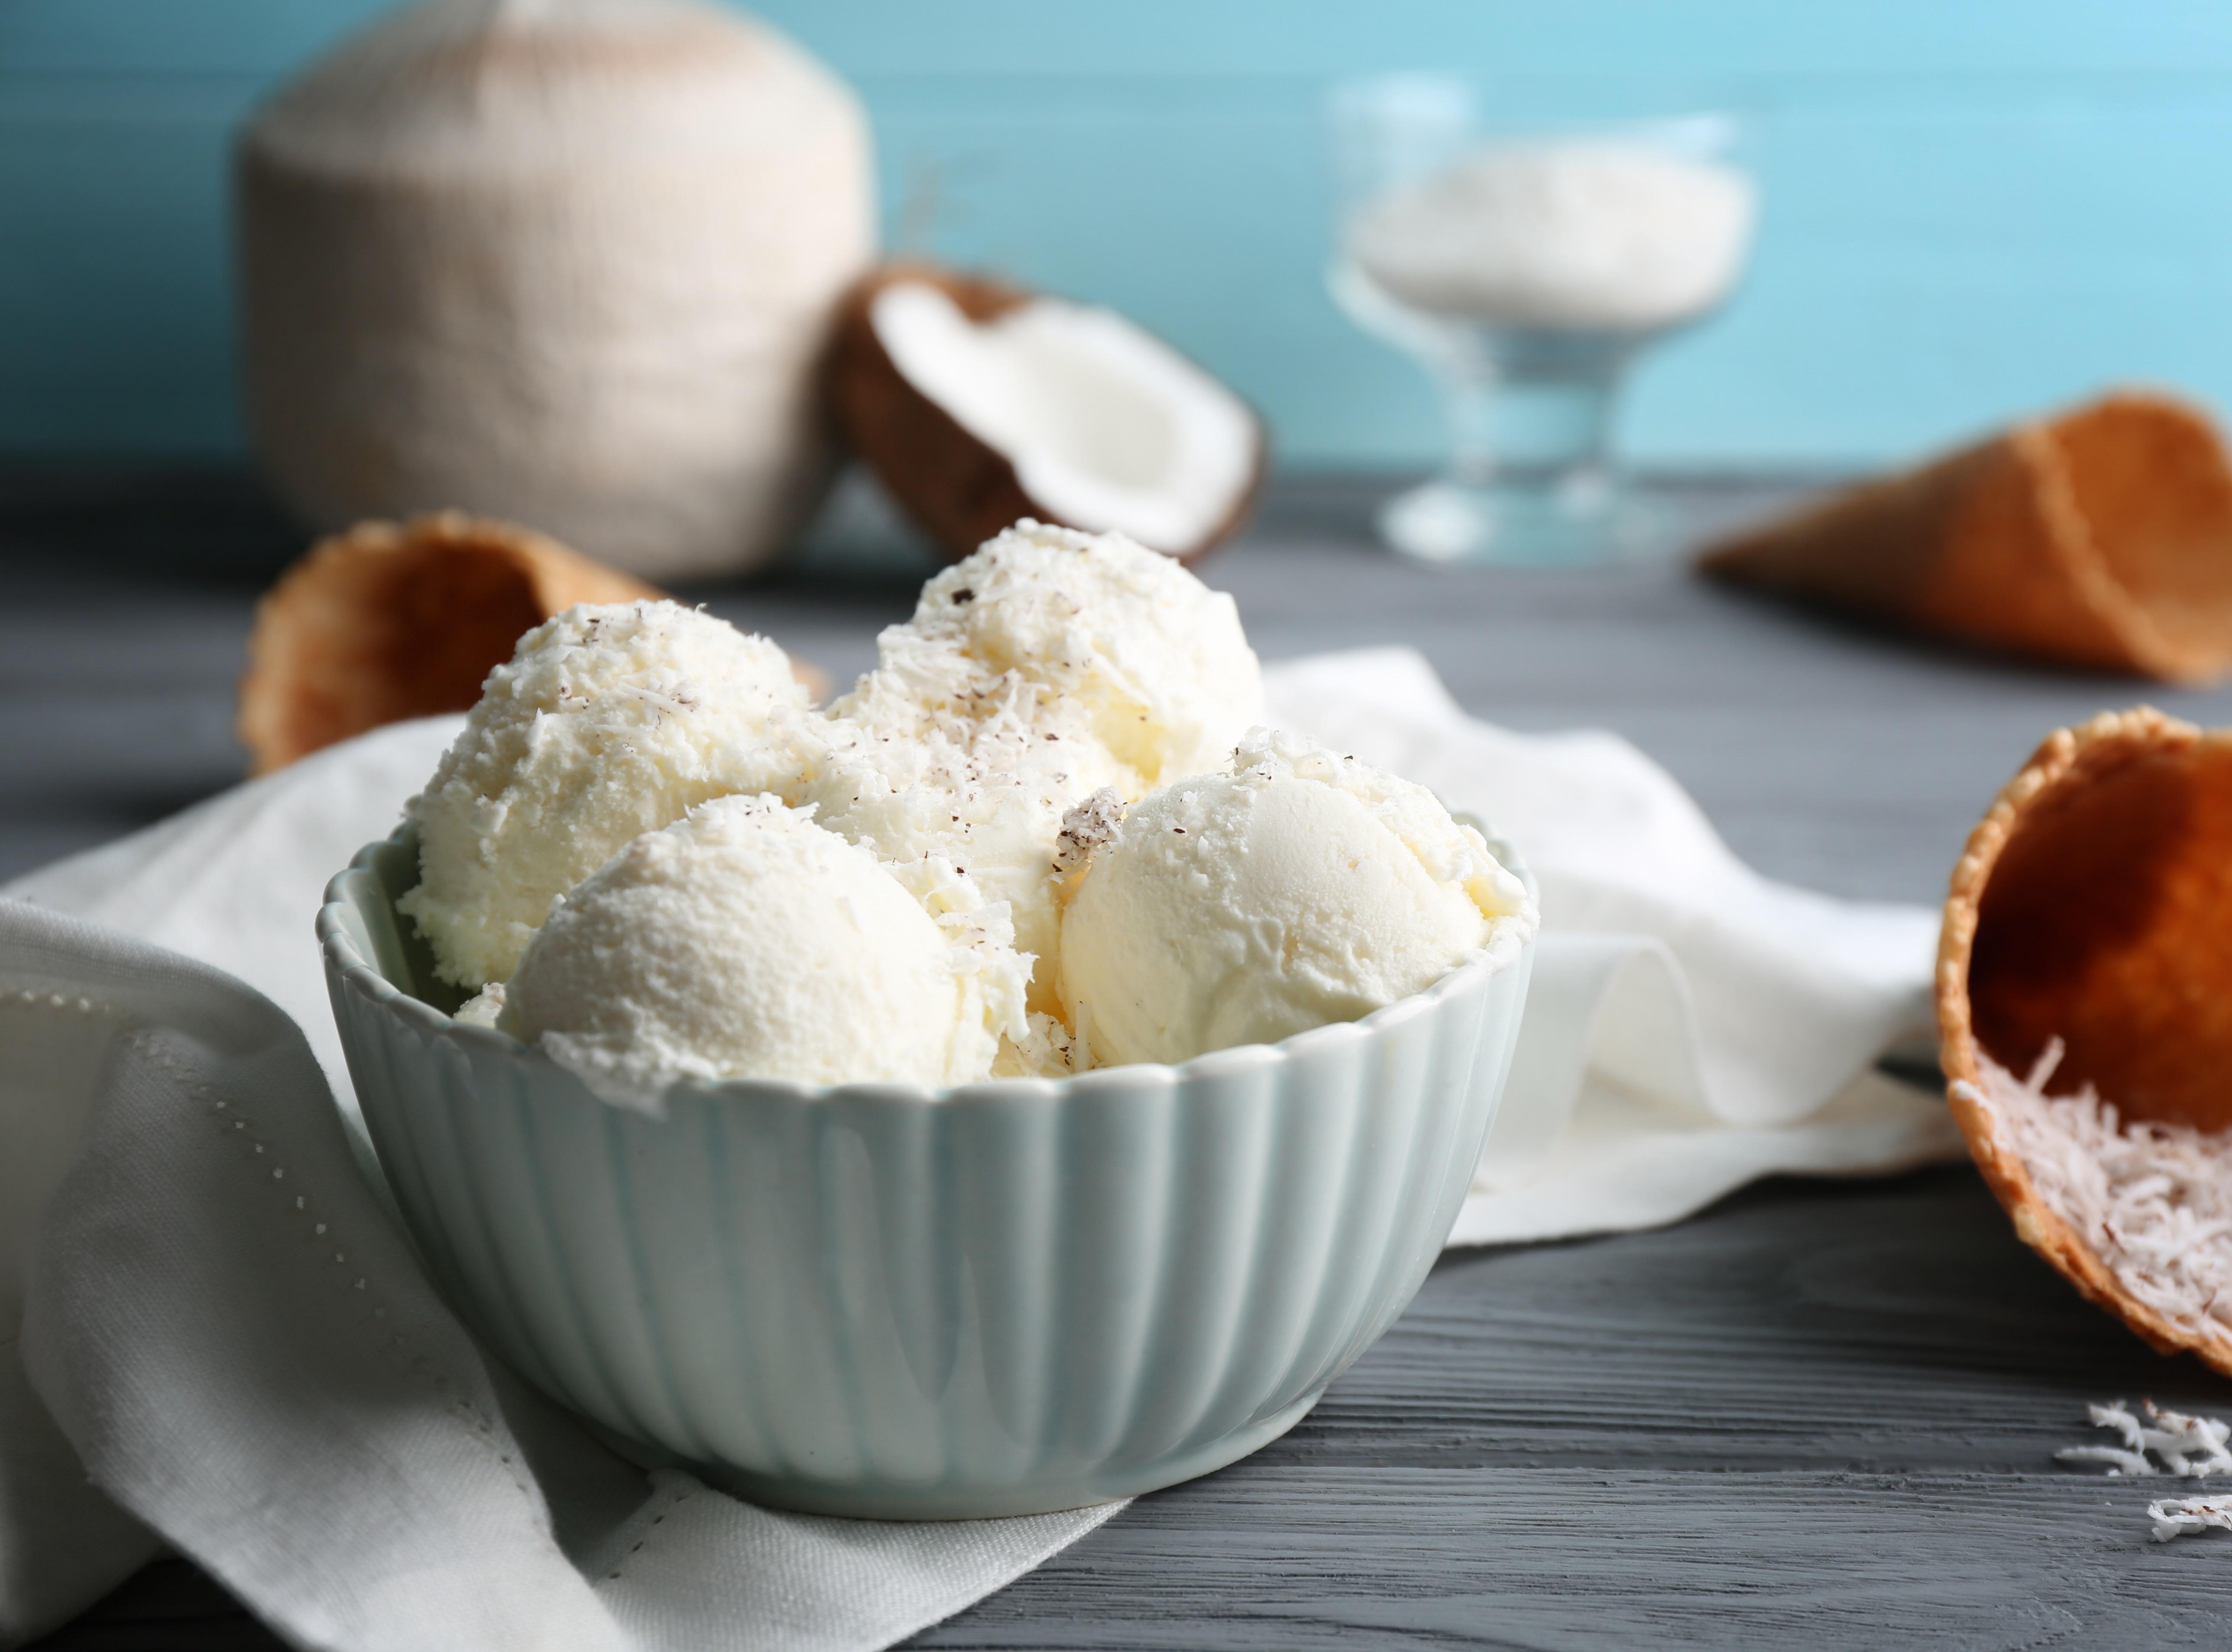 http://bigoven-res.cloudinary.com/image/upload/coconut-ice-cream-e39a24.jpg